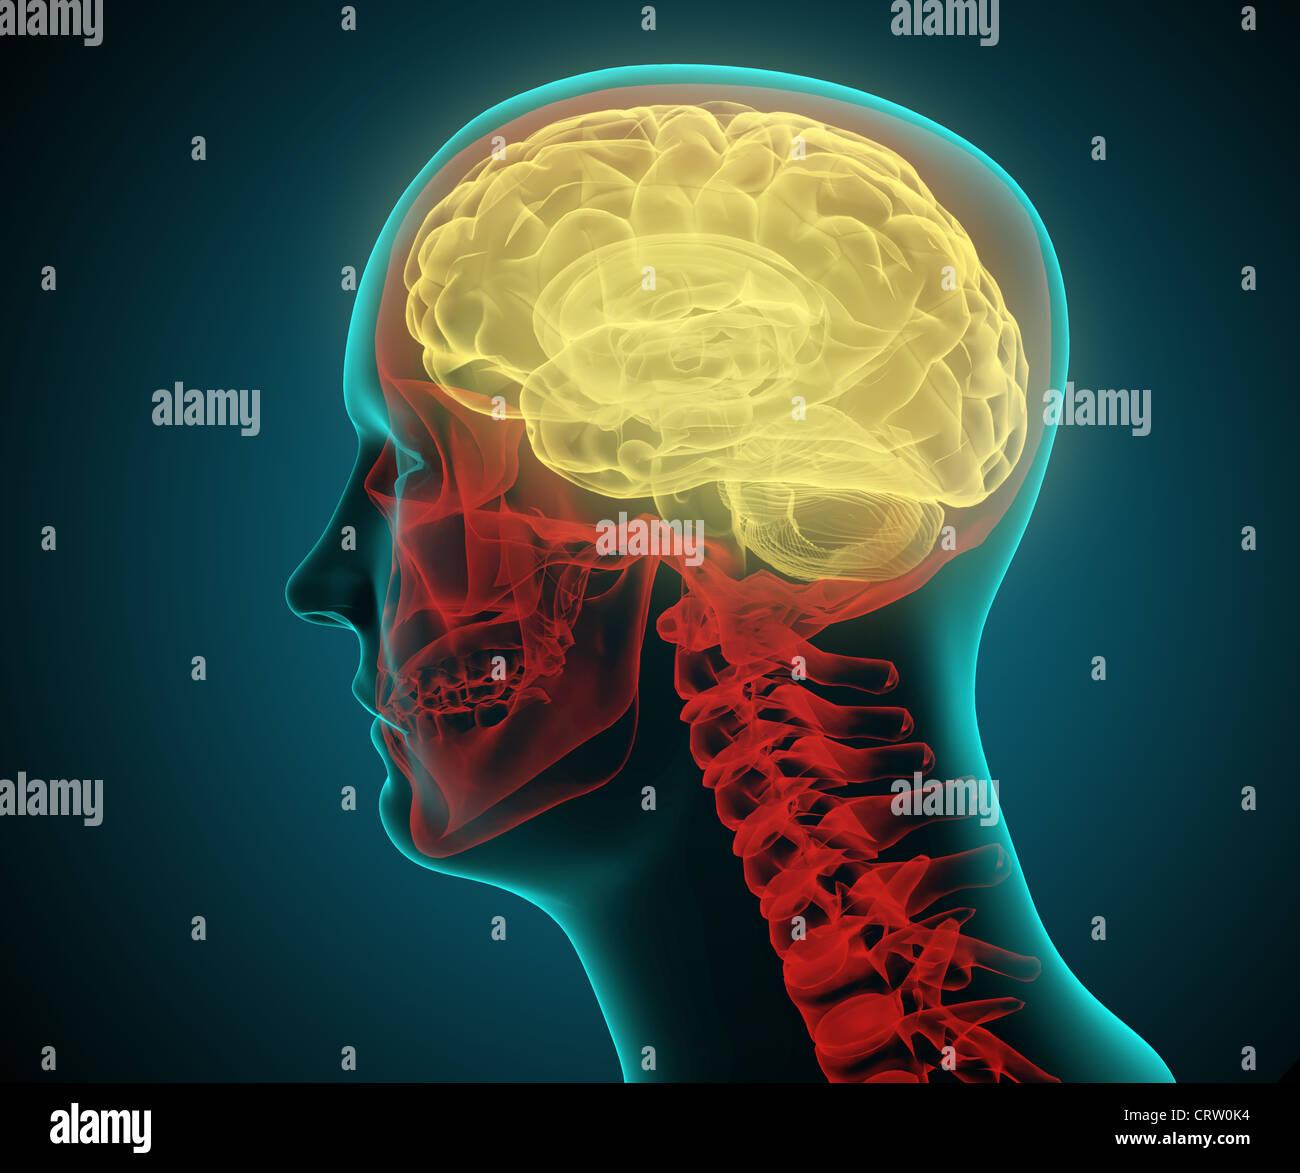 Stilizzata Illustrazione medica di una testa humand Immagini Stock